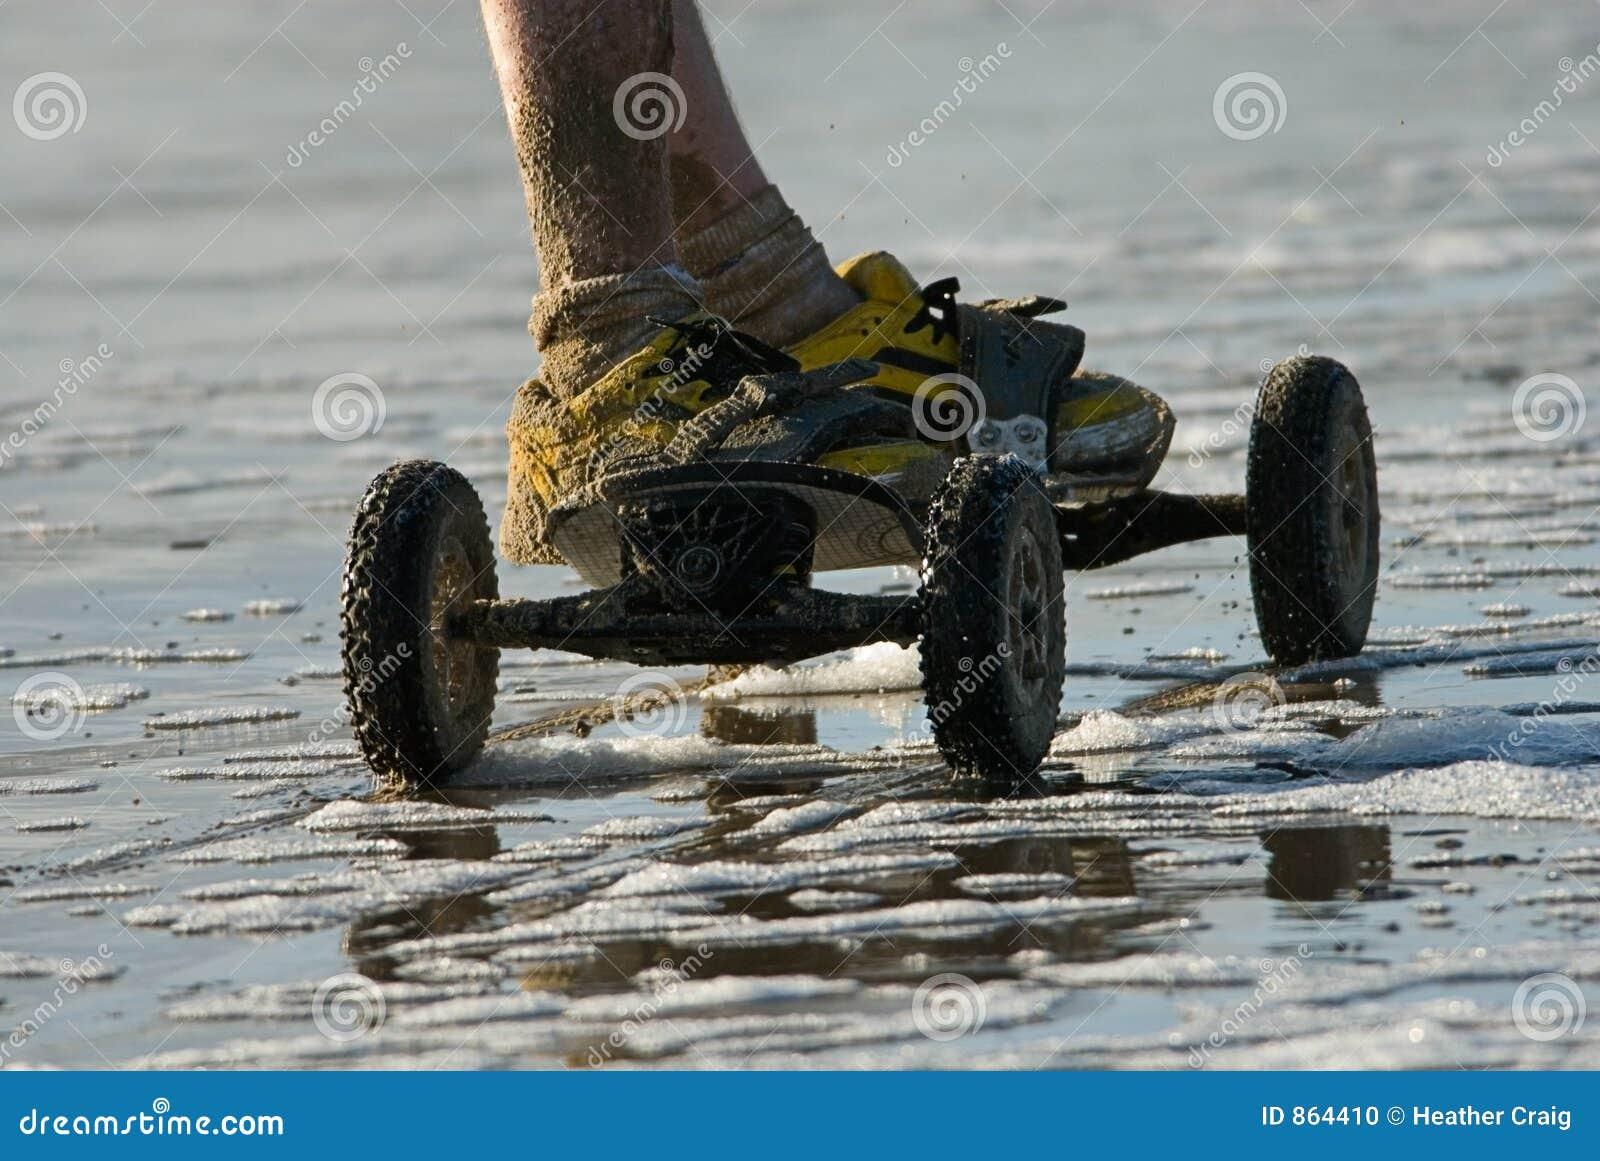 Drachen-Skateboard und gelbe Schuhe